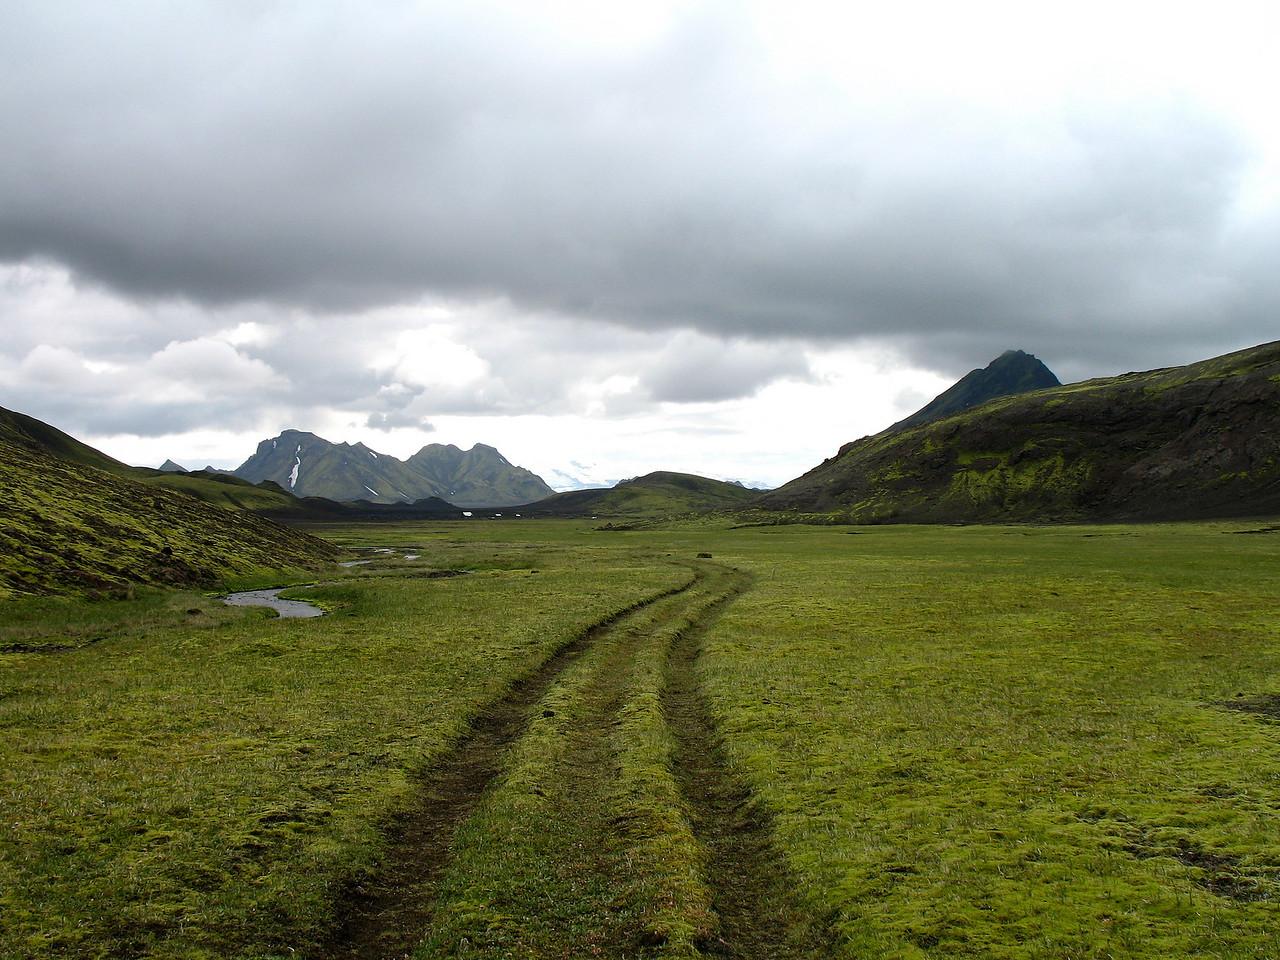 Horft út Hvanngil, að baki húsanna sést Stórkonufell, glittir í Stóru-Súlu hægra megin.